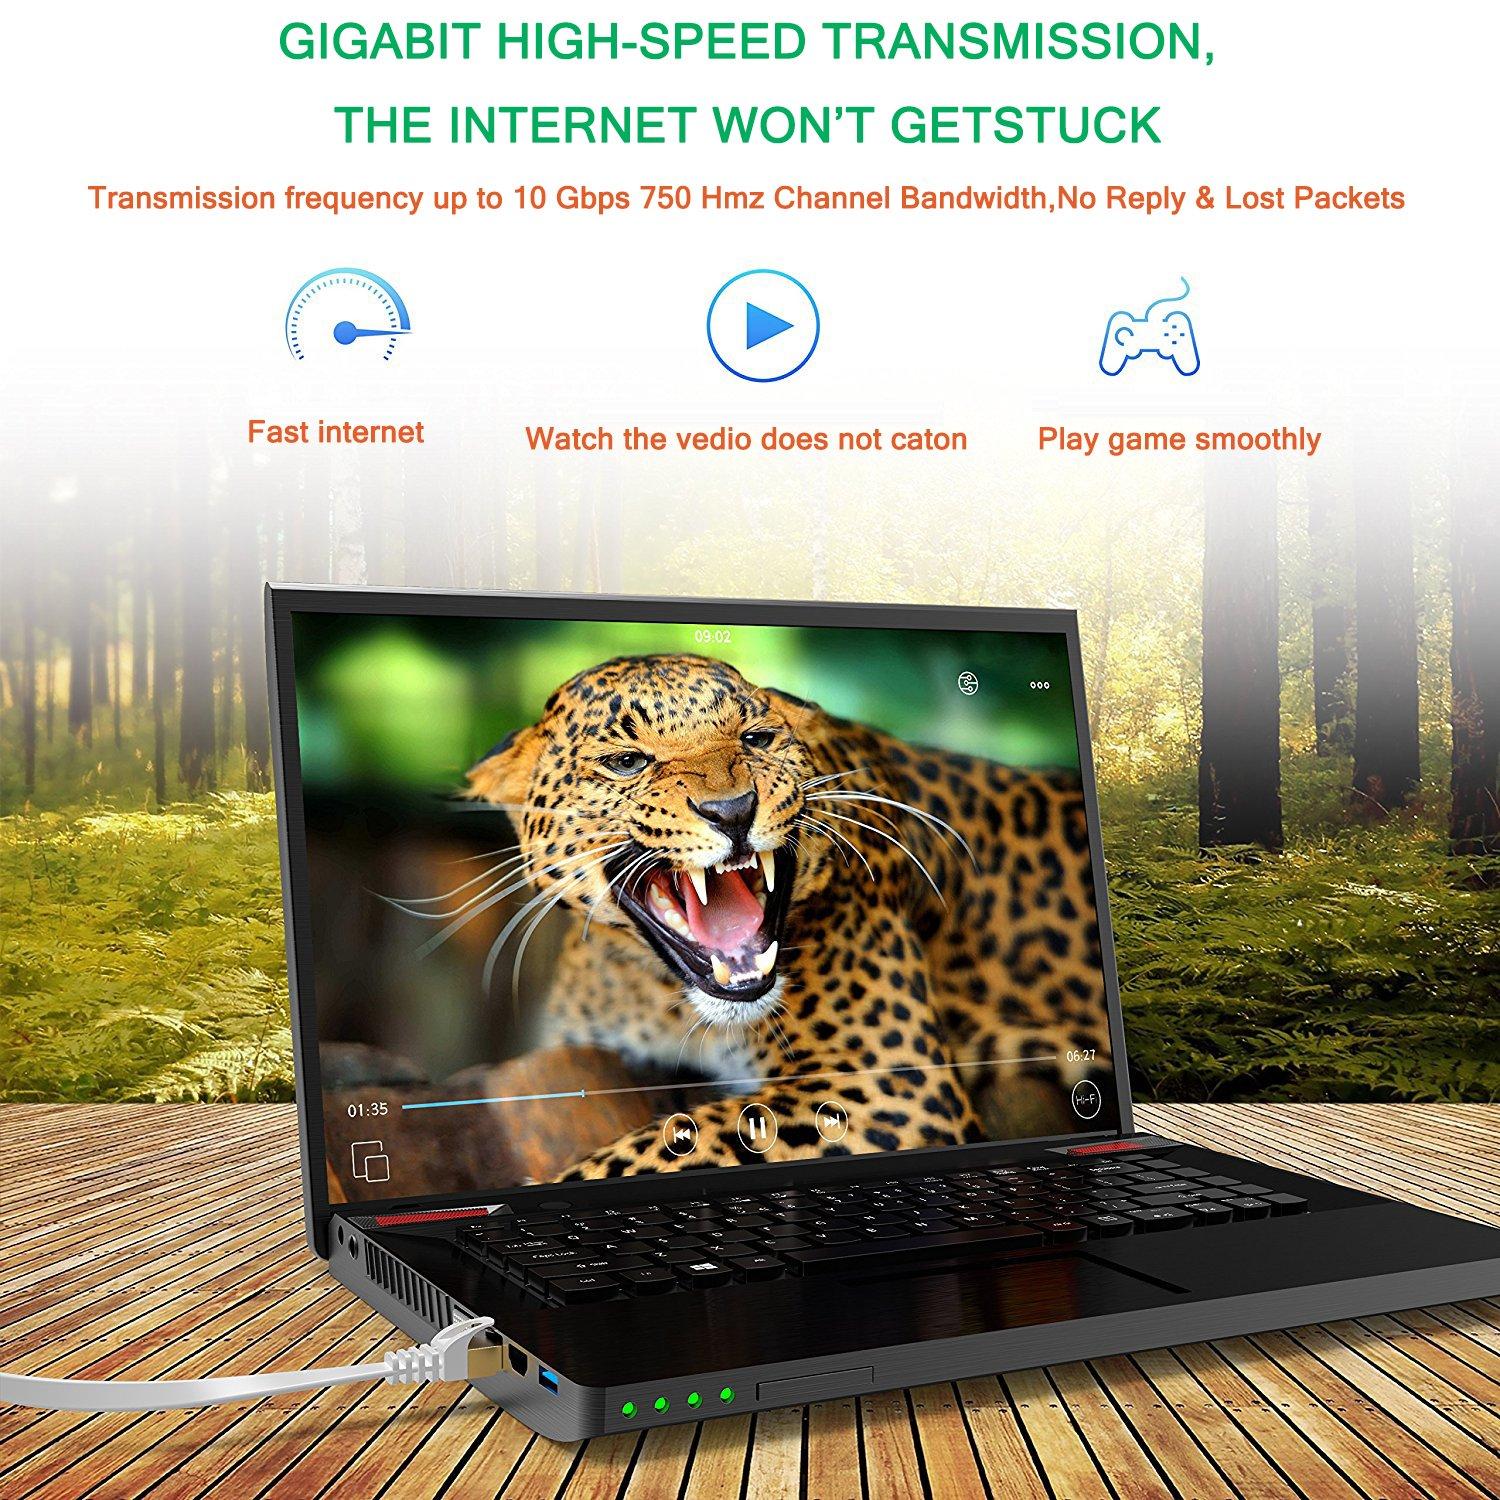 Piatto JONI FUN 2 x Cavo di Rete Ethernet Cat 7 Cavetto LAN RJ45 Patch Alta Velocit/¨/¤ S//STP 10 Gbps 750MHz Rame Intrecciato 5FT//1.5M